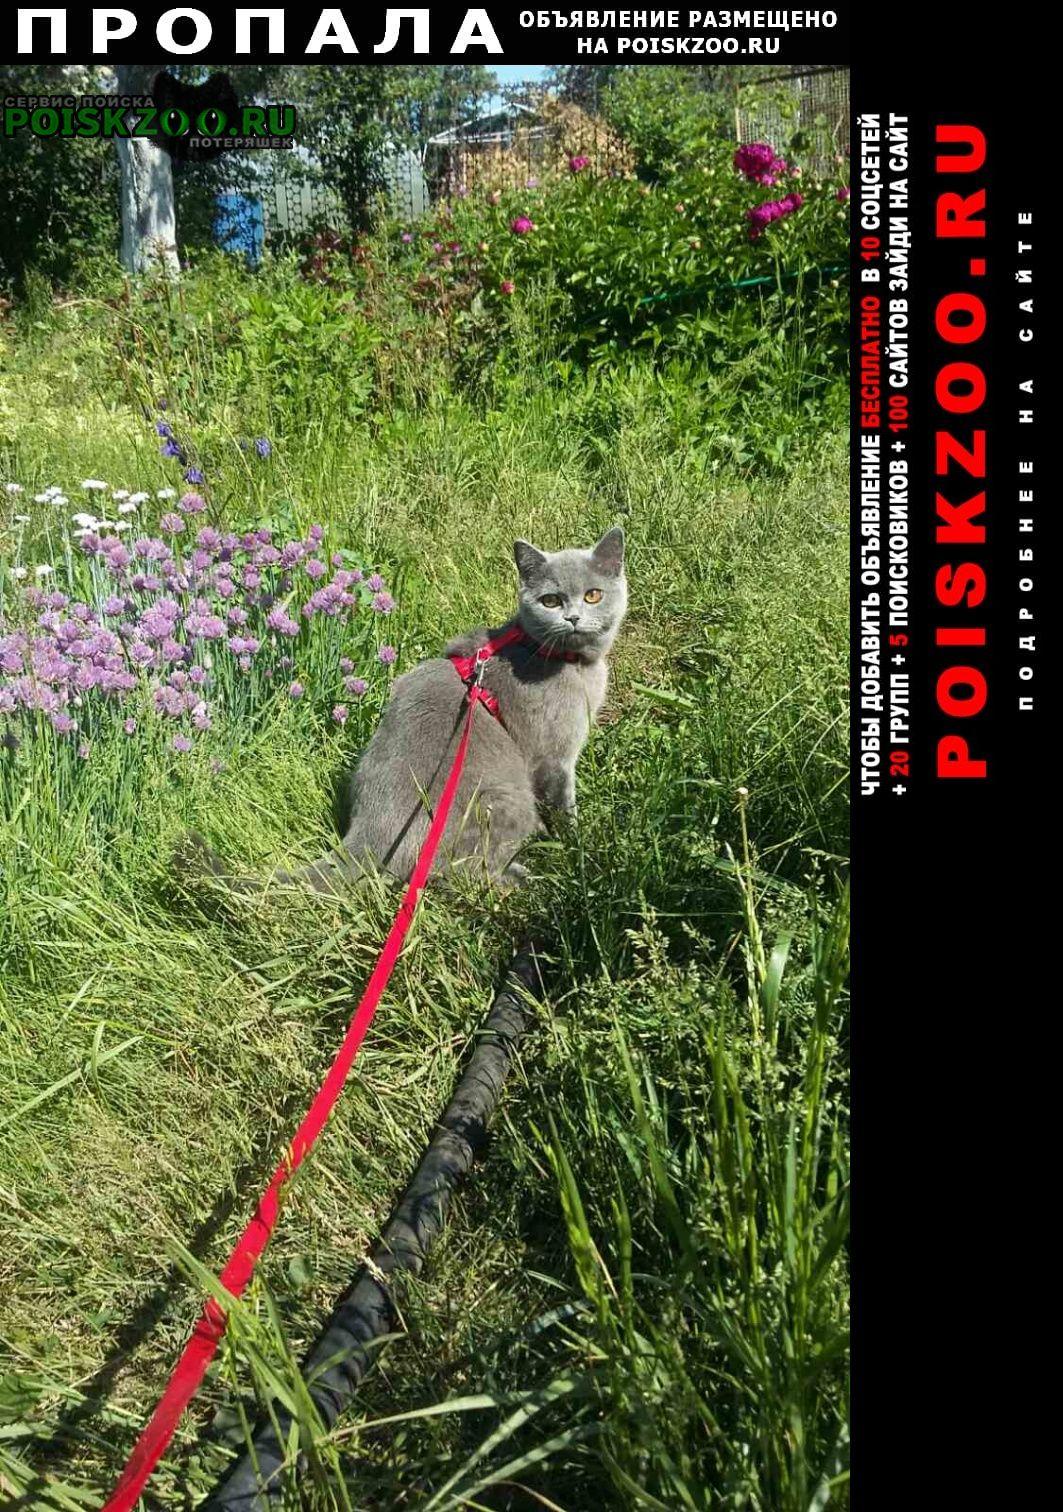 Пропала кошка снт отрада британская Тольятти